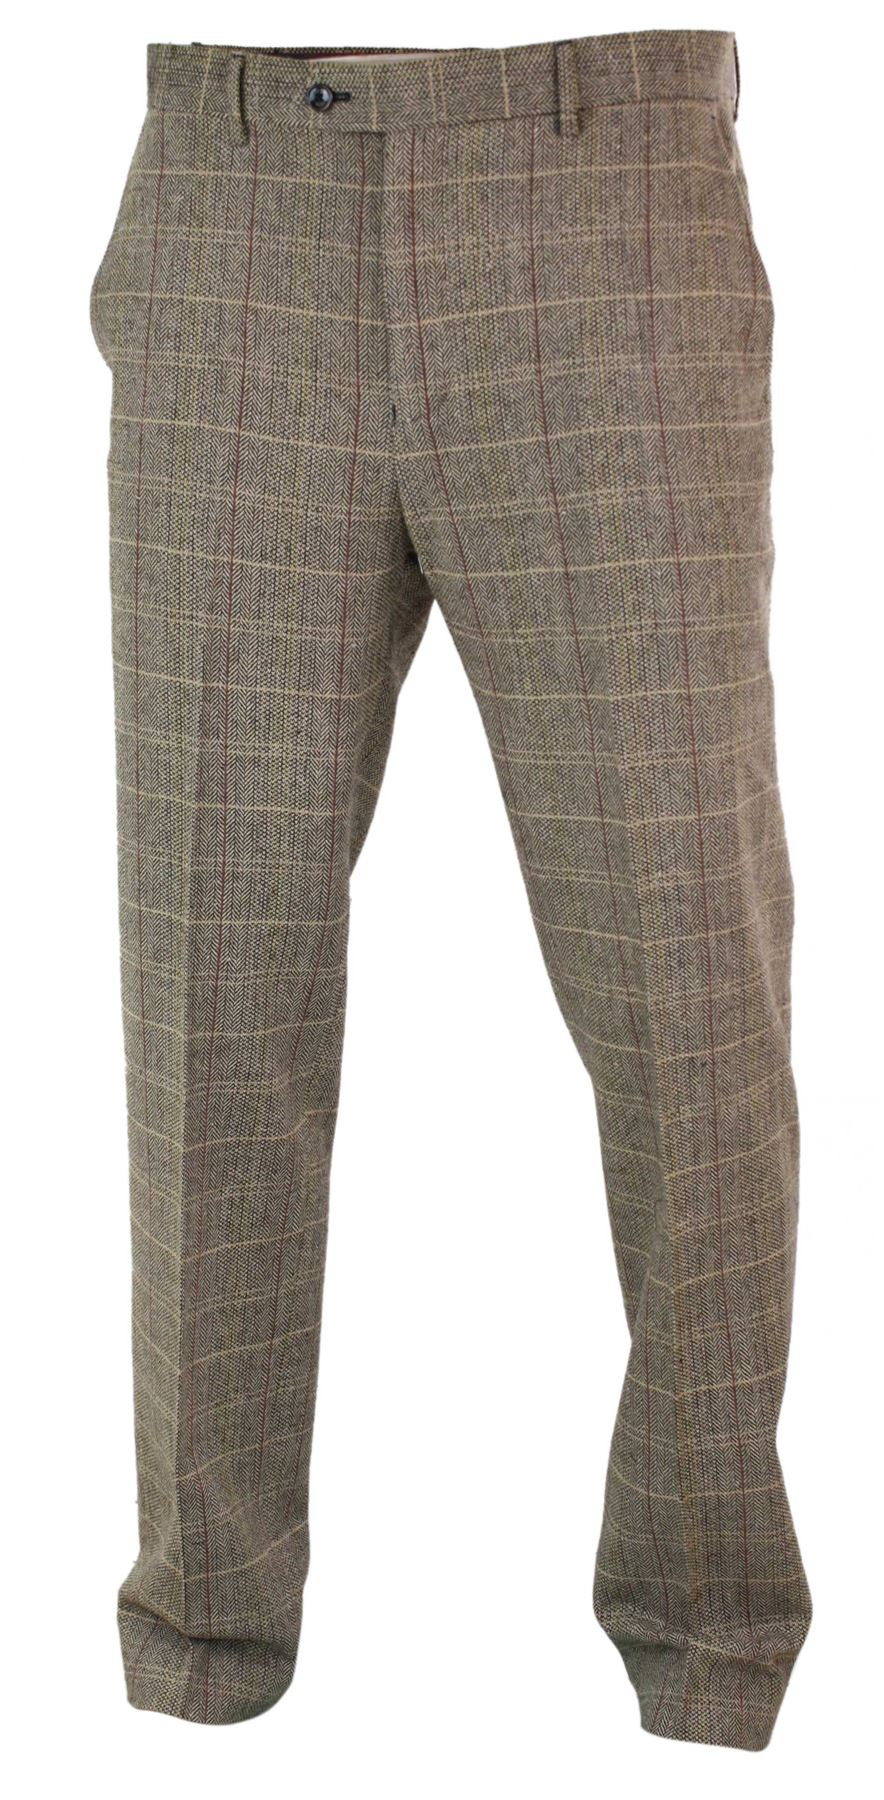 Mens-Herringbone-Tweed-Check-Peaky-Blinders-Trousers-Wool-Vintage-Classic-Retro thumbnail 8